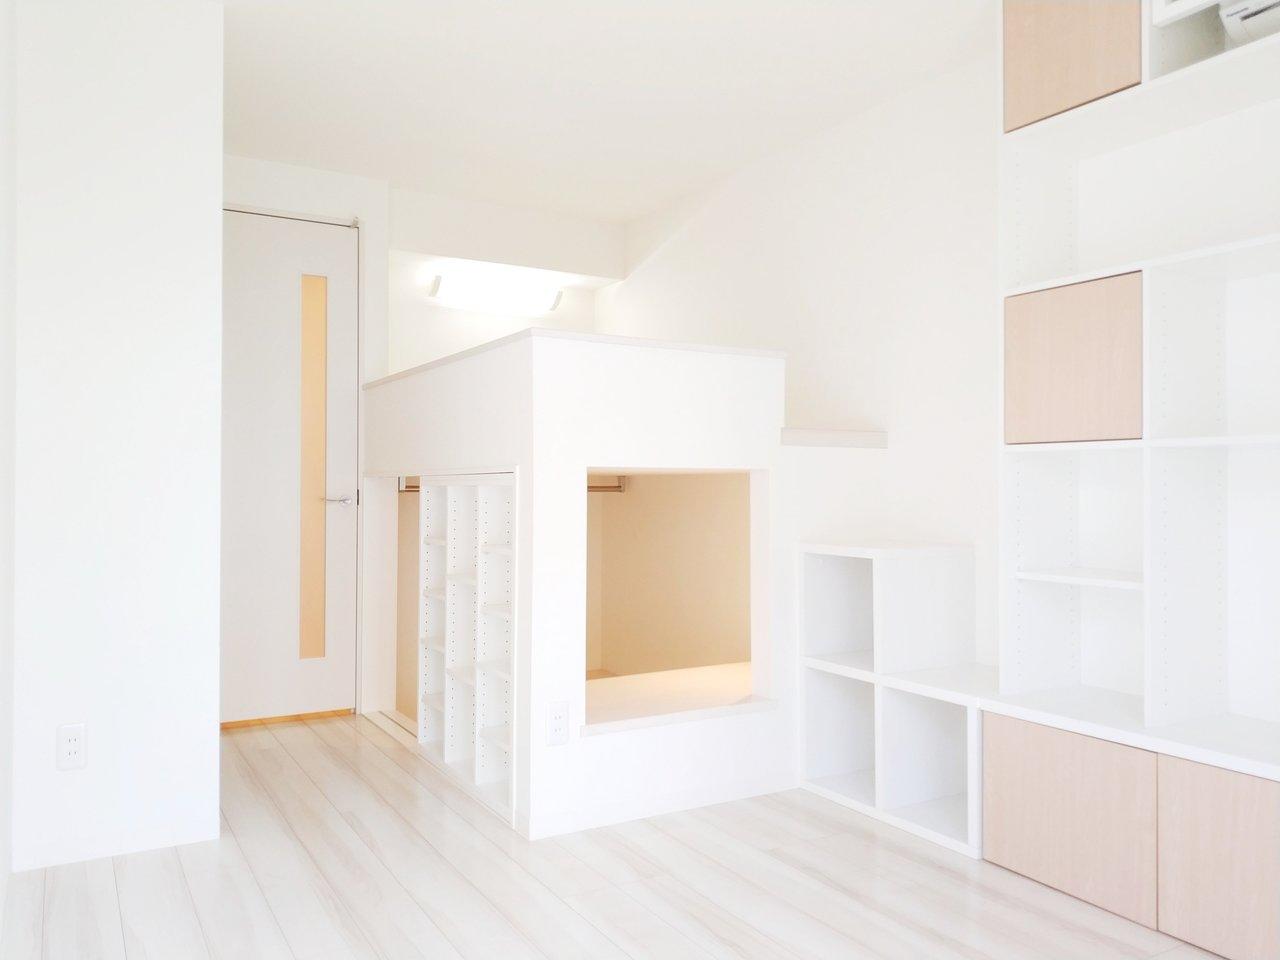 初めてのひとり暮らしは、収納もあらかじめついているお部屋を選ぶと、家具を揃える費用が抑えられてゆとりが生まれます